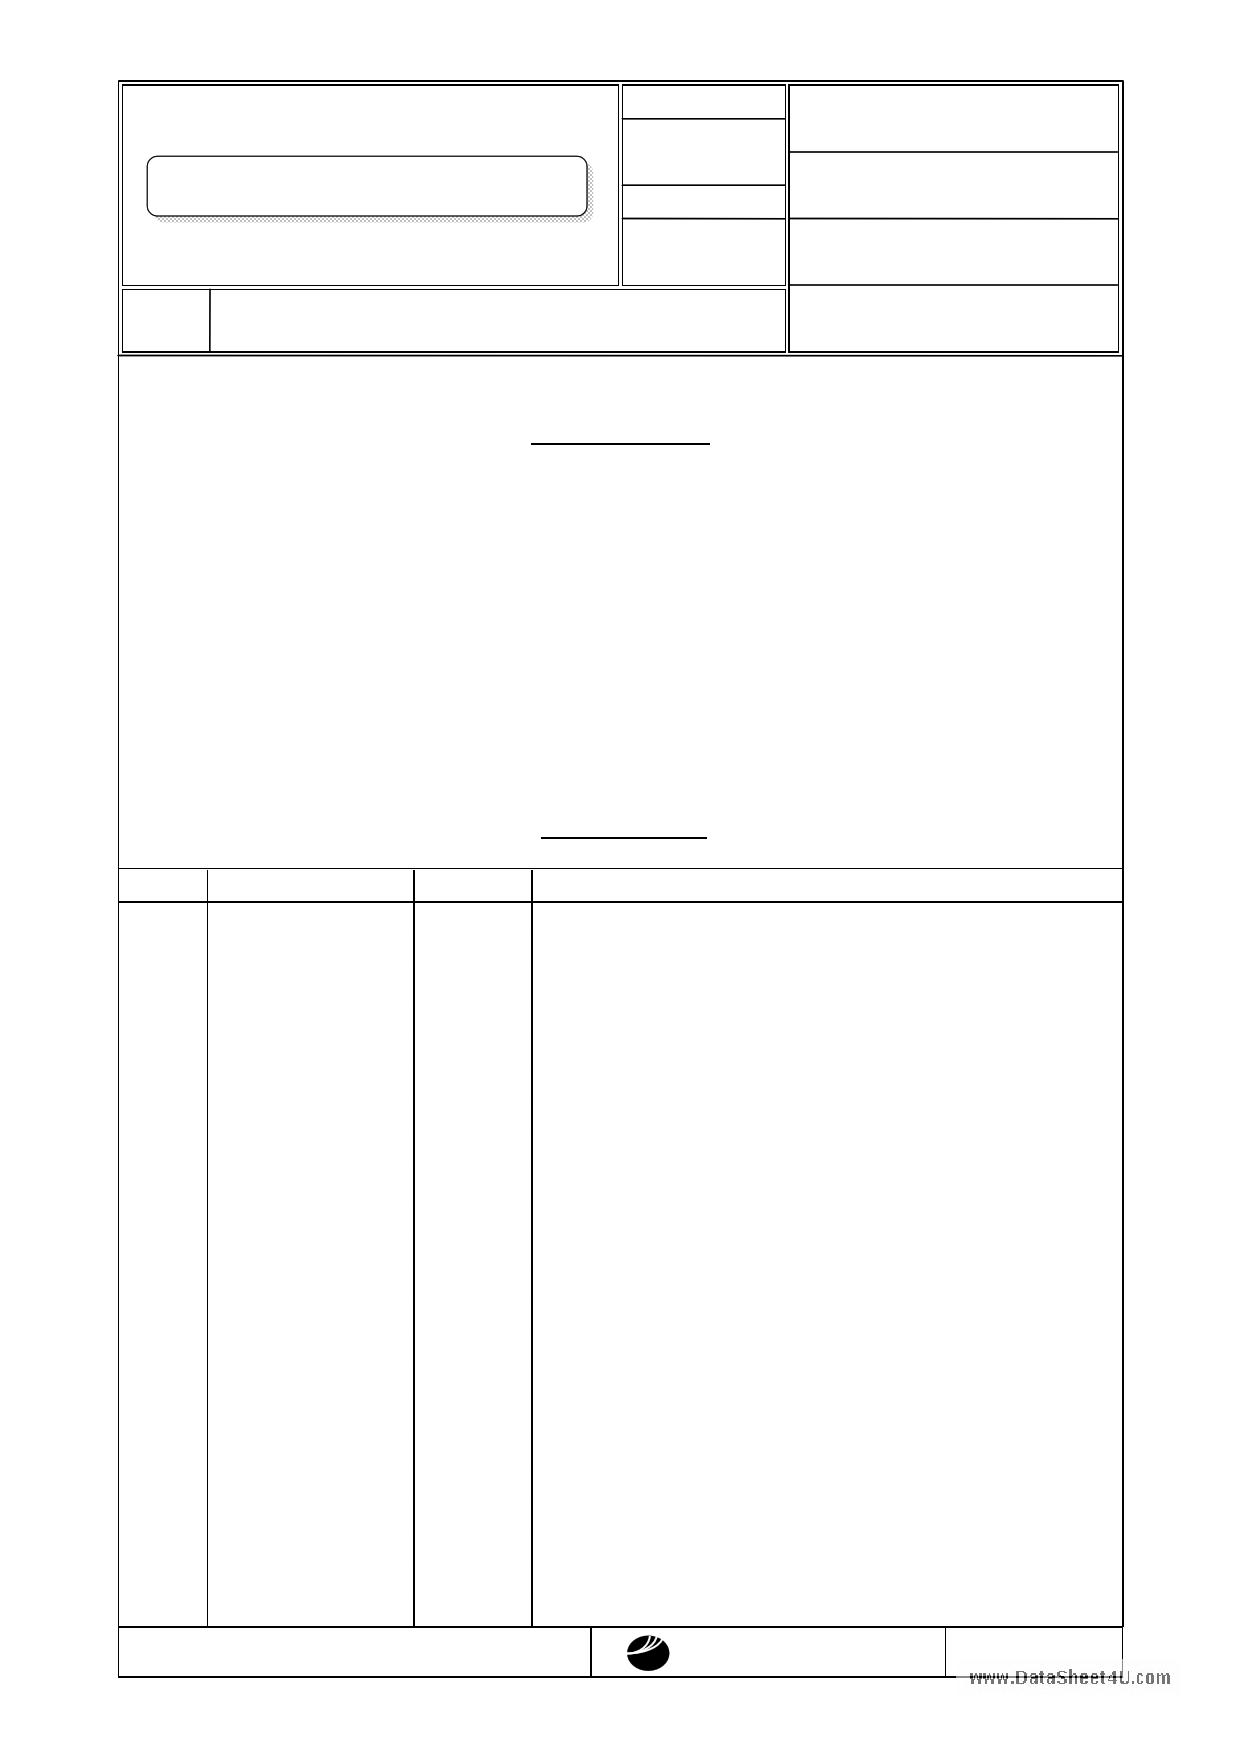 DMC20434N-EB datasheet